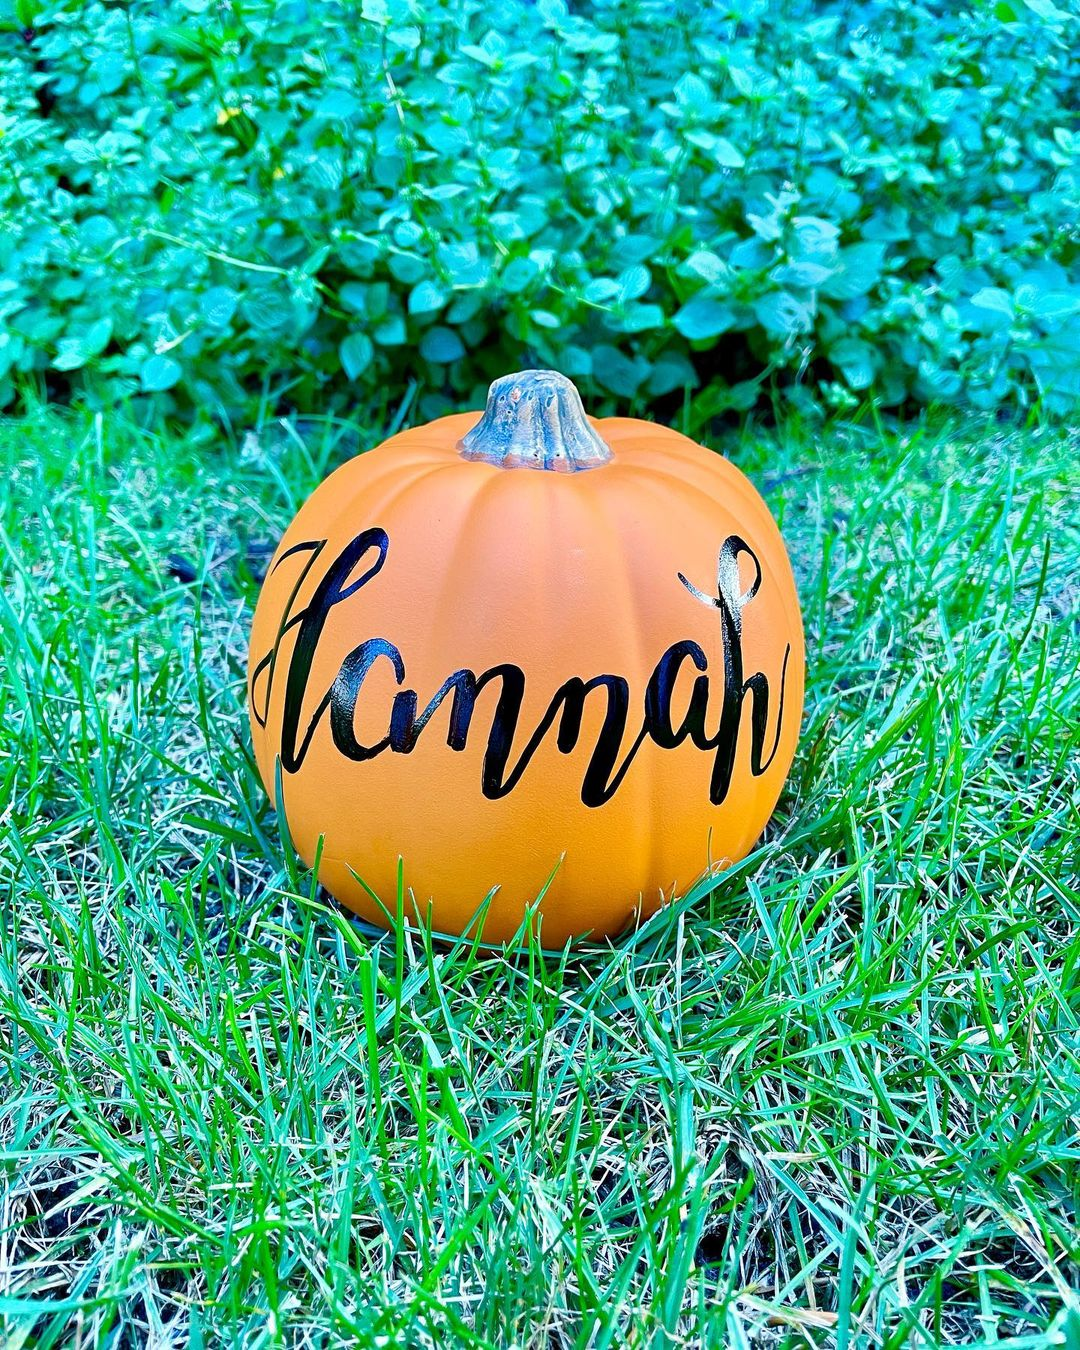 Halloween pumpkin ideaas custom named pumpkins